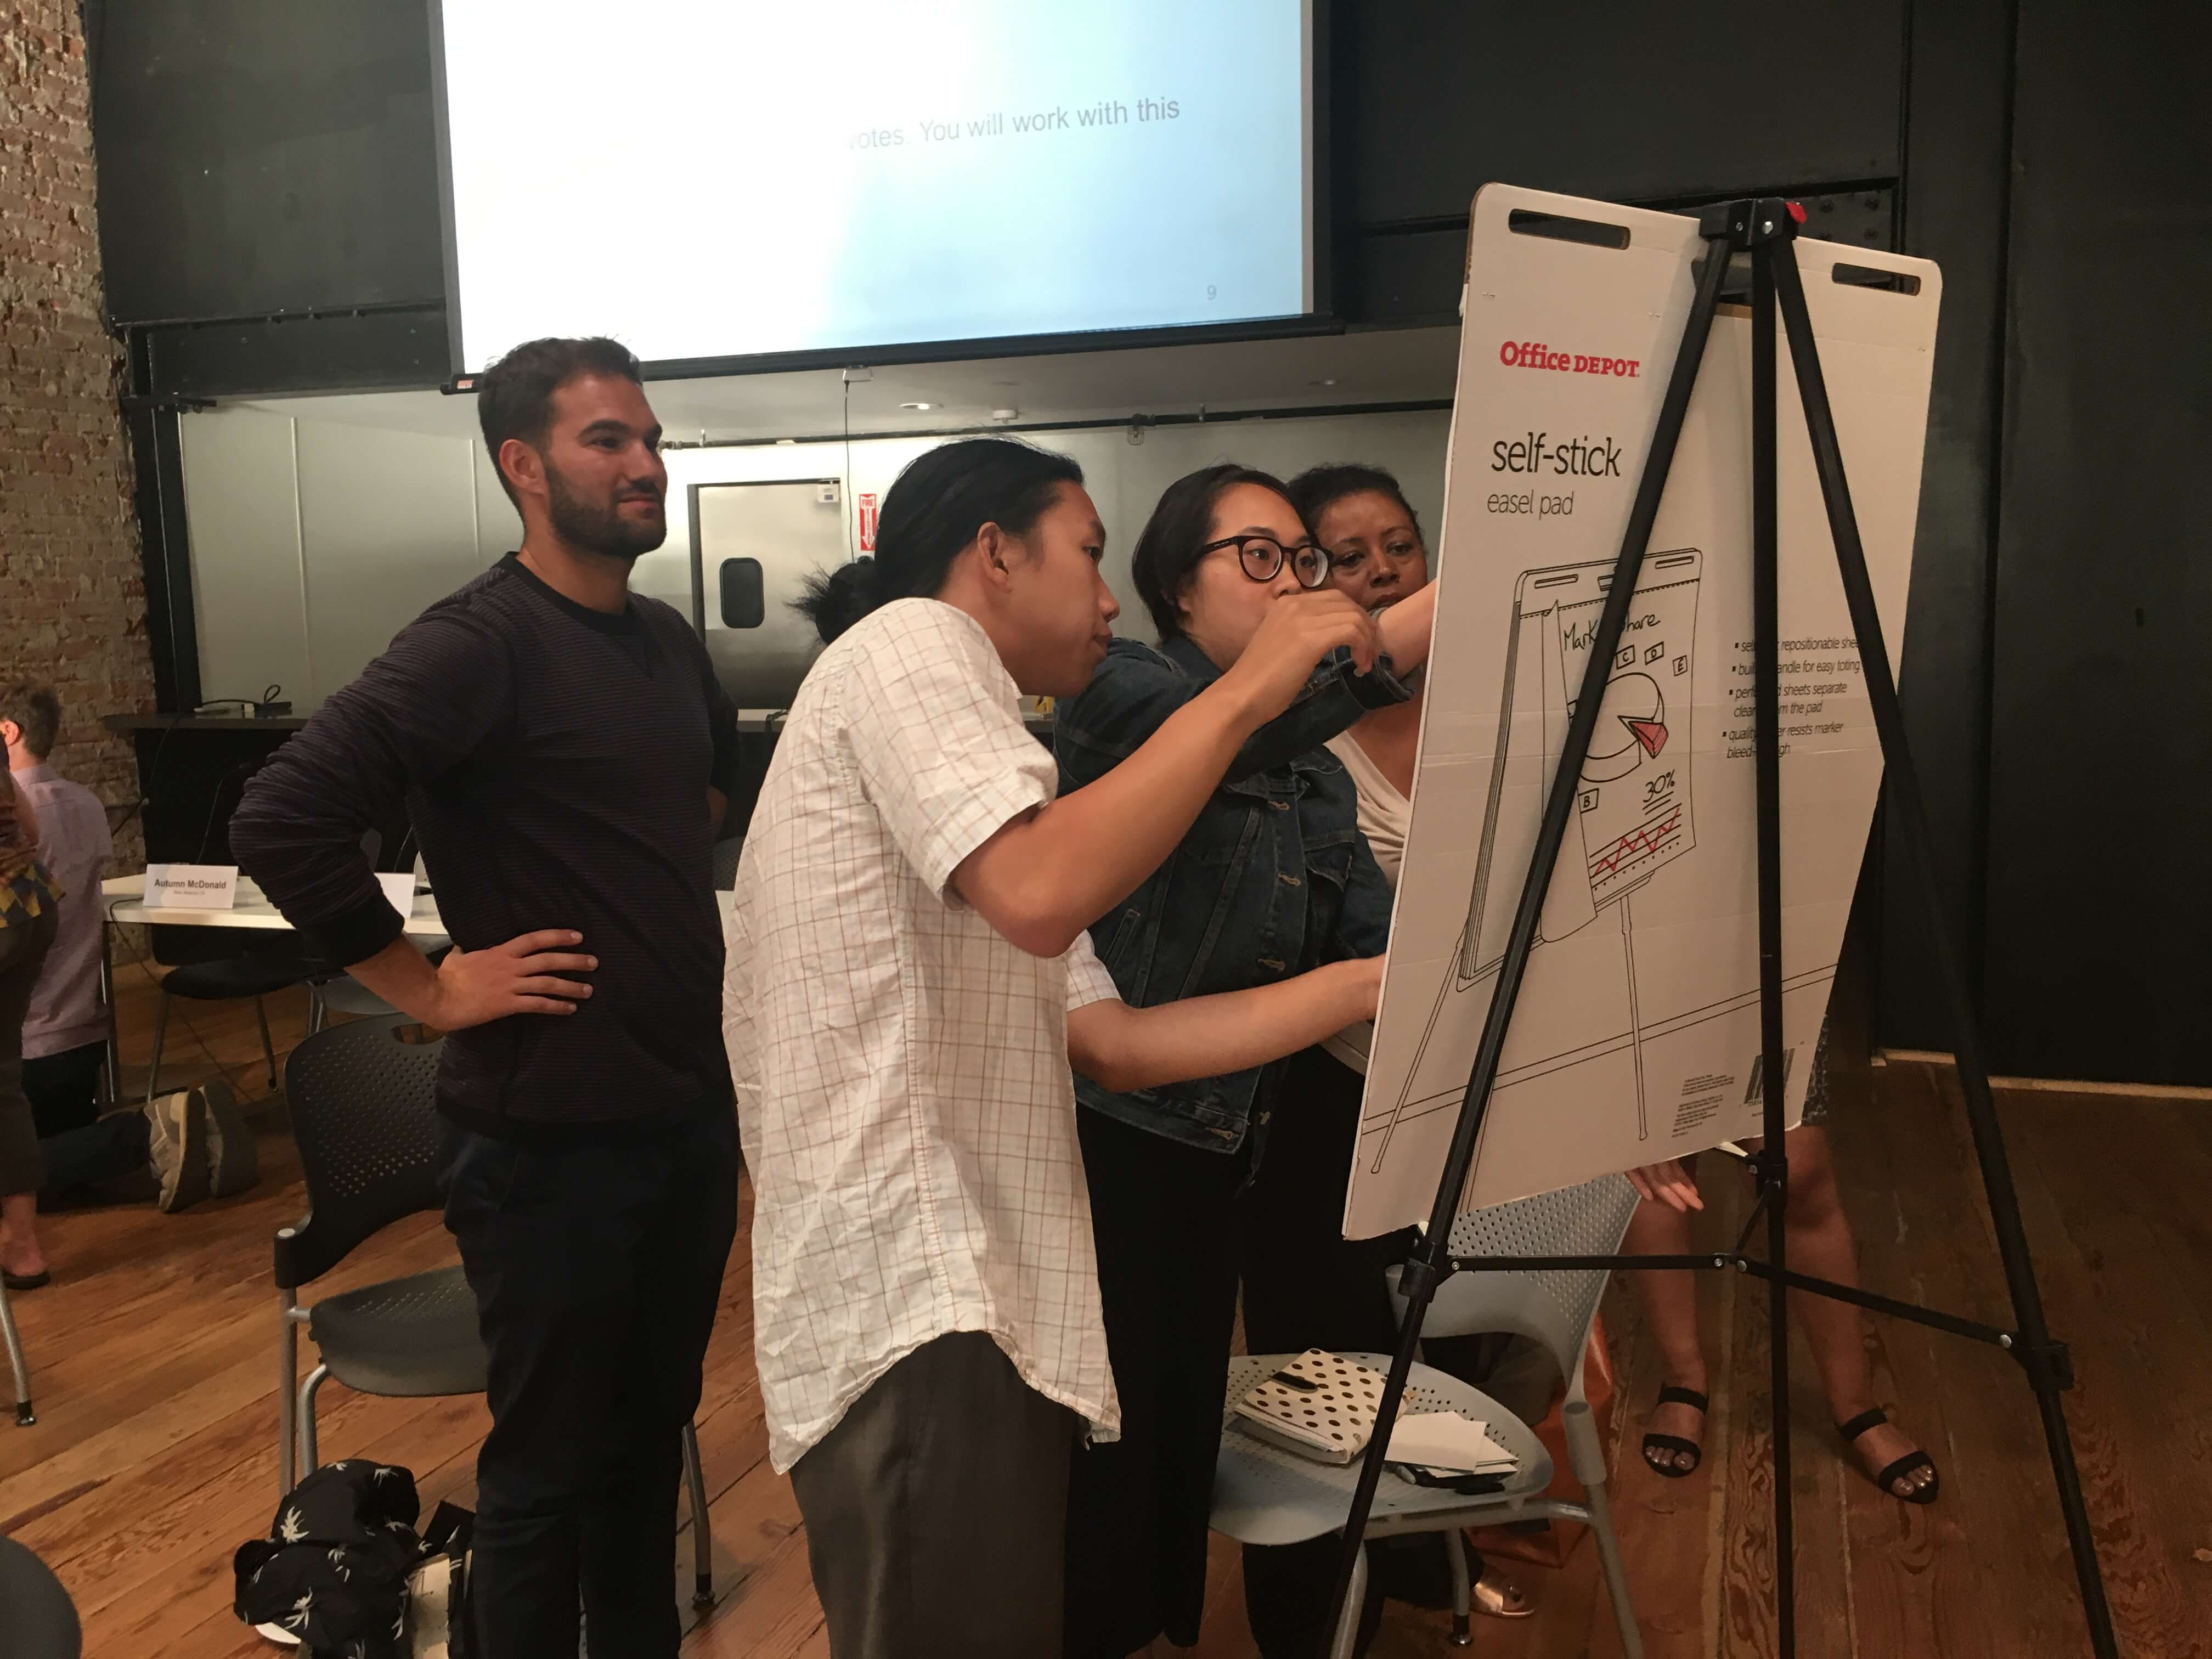 census workshop participants